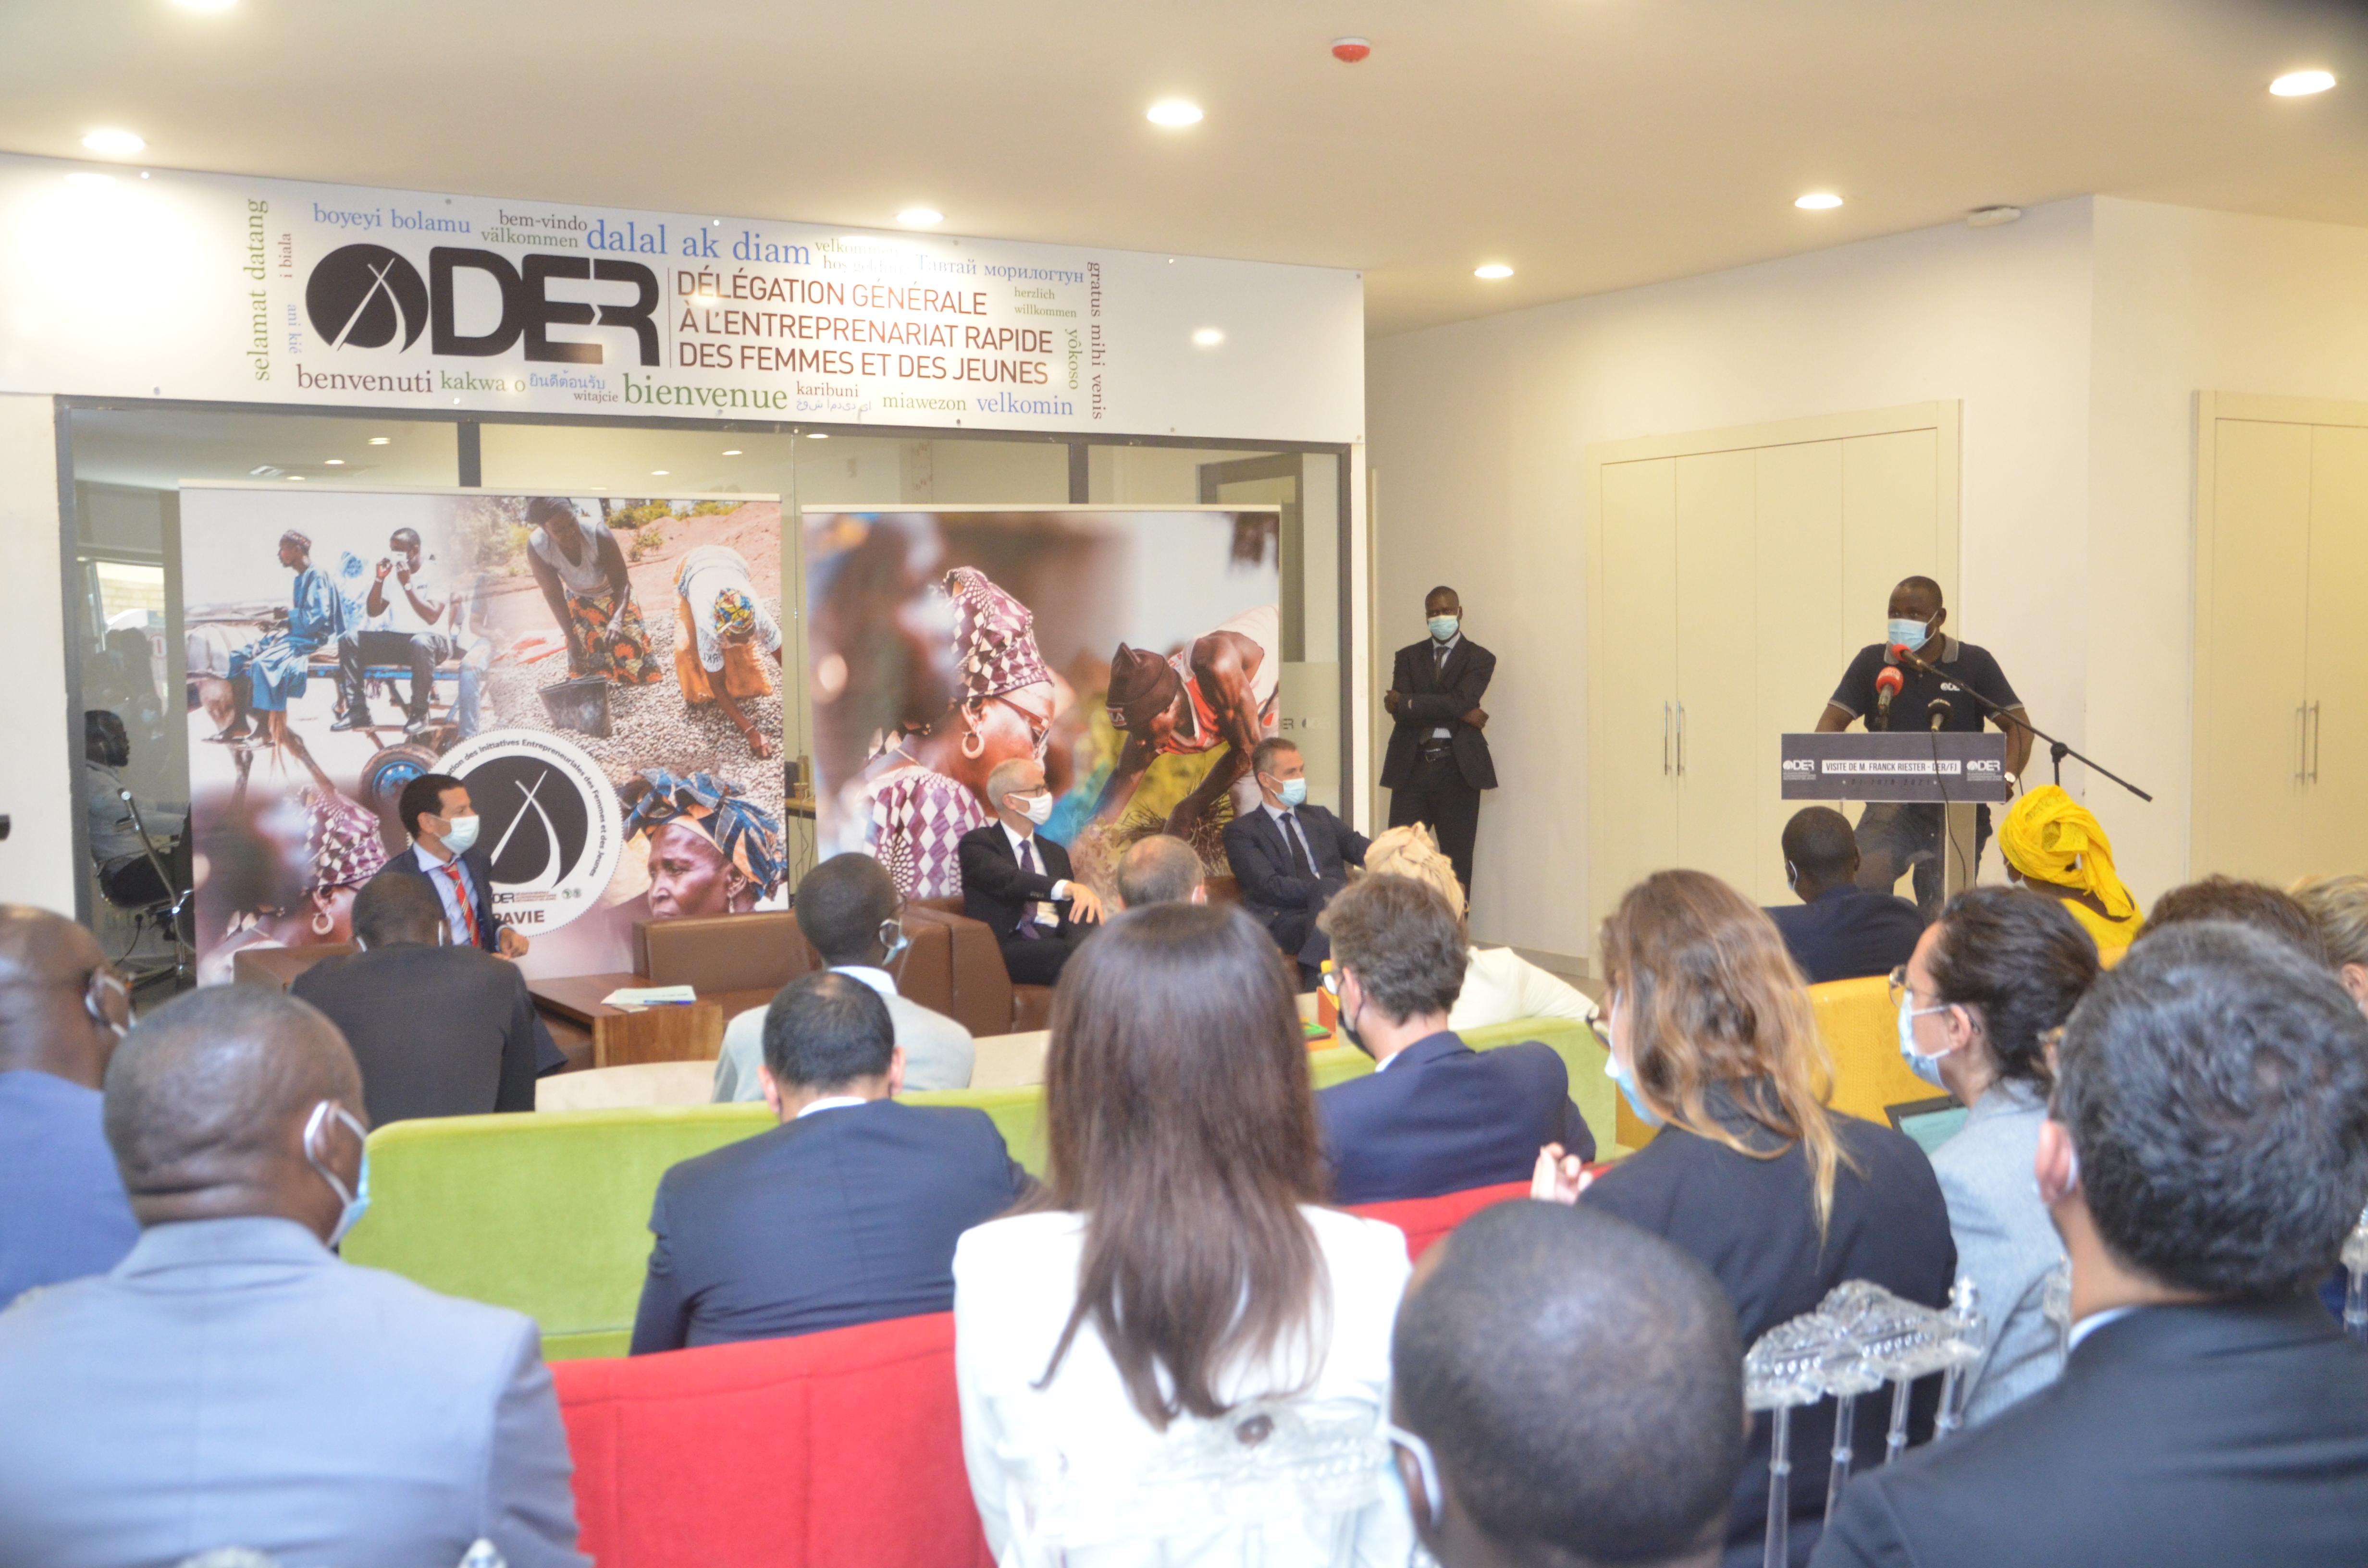 EMPLOI DES JEUNES ET DES FEMMES : la France prête à mieux soutenir la DER et l'entrepreunariat des jeunes